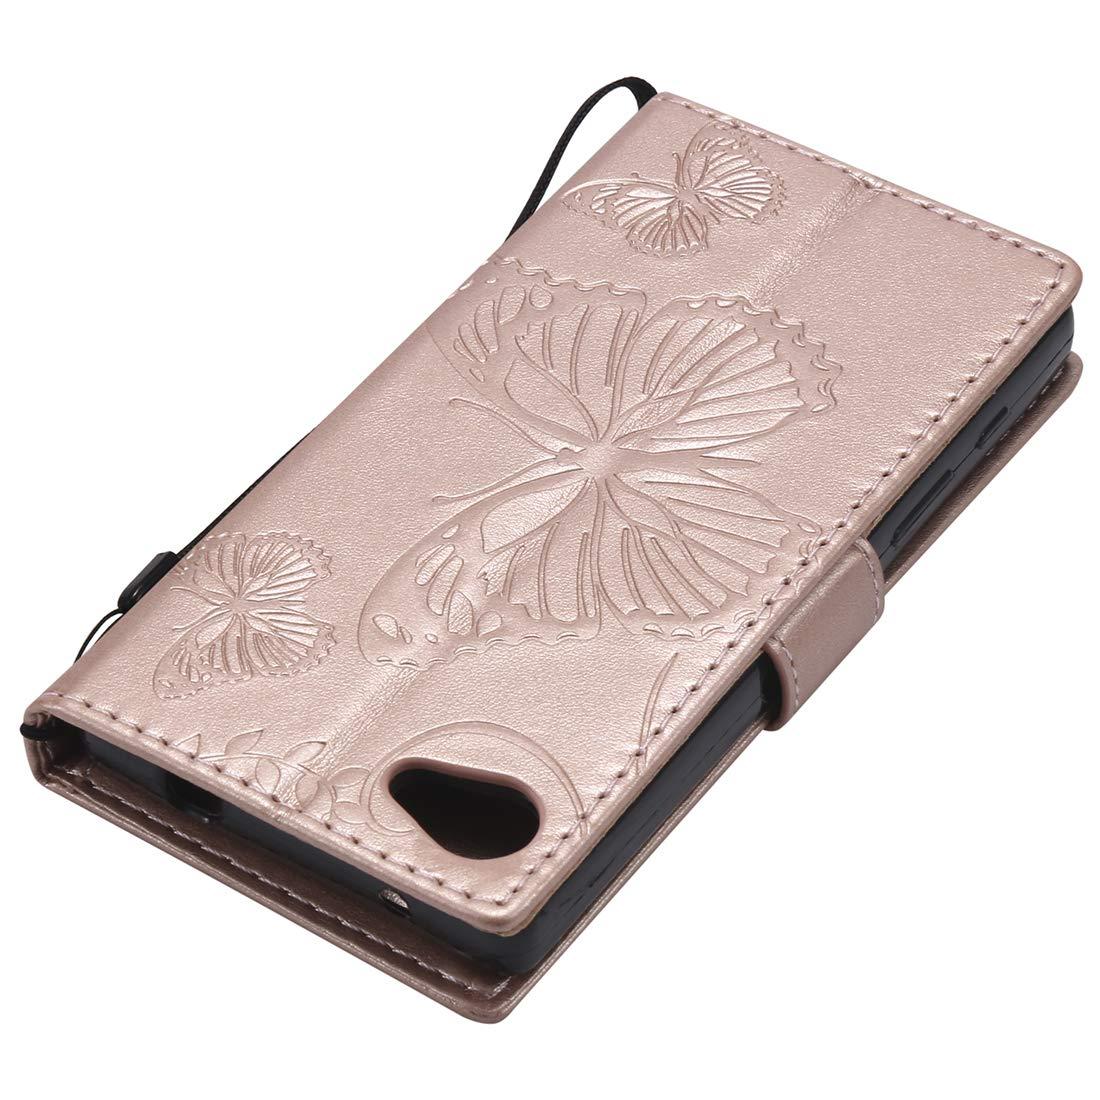 Lyzwn Coque Sony Xperia Z5 MINI//COMPACT Housse en Cuir PU Flip Coque Etui Wallet Case avec Support Cartes Slots Fermeture Aimant/ée pour Sony Xperia Z5 MINI//COMPACT /Étui Motif de Couleur